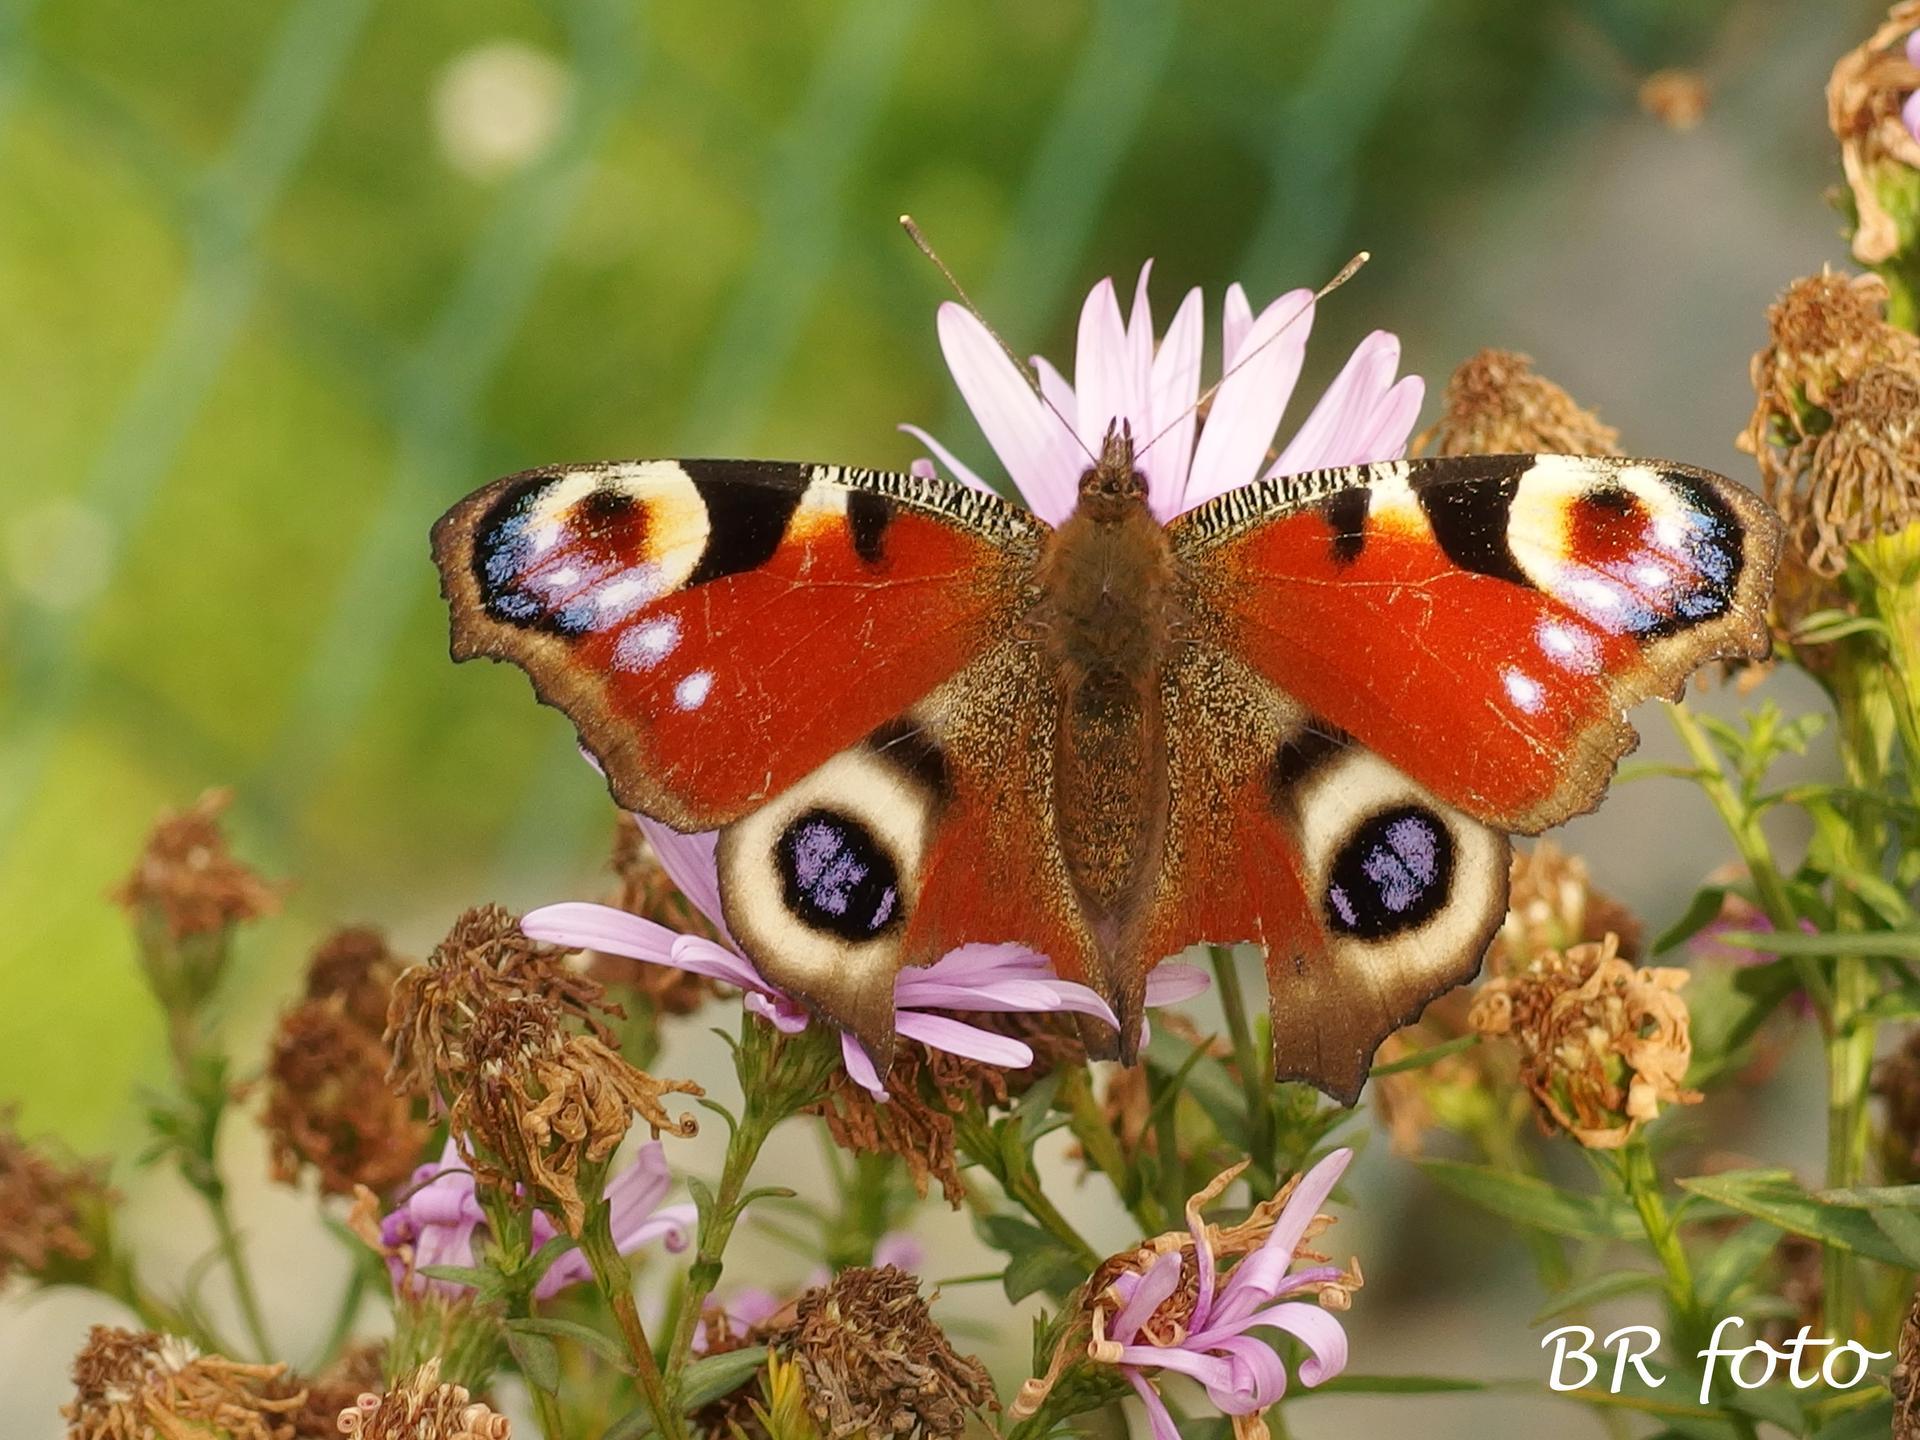 Vítej, podzime.... - dnes byl krásný slunečný den, i motýli létali